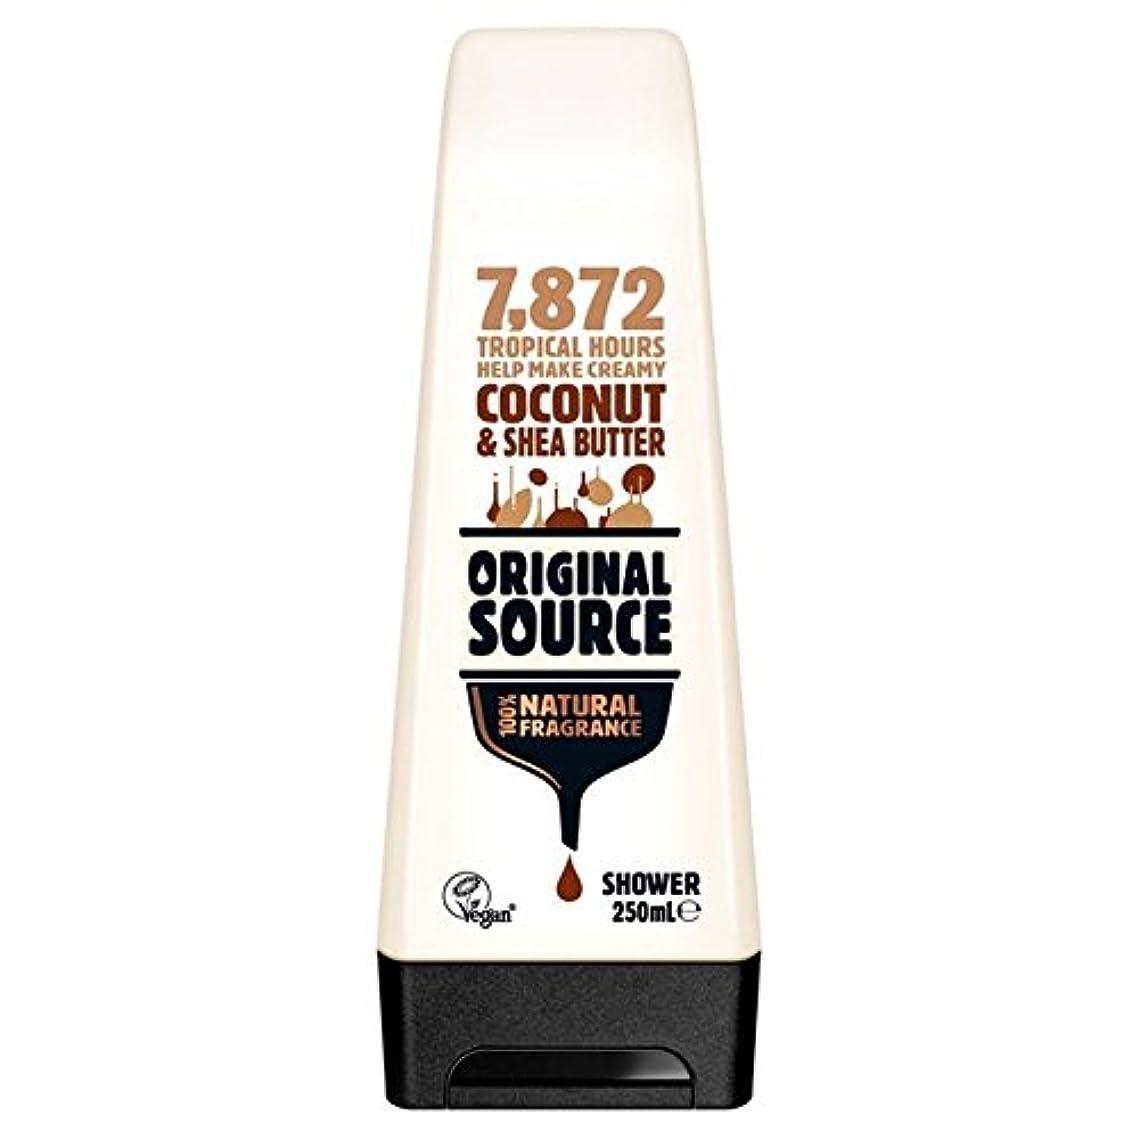 コードレス完了リレー元のソース保湿ココナッツ&シアバターシャワージェル250ミリリットル x4 - Original Source Moisturising Coconut & Shea Butter Shower Gel 250ml (Pack of 4) [並行輸入品]